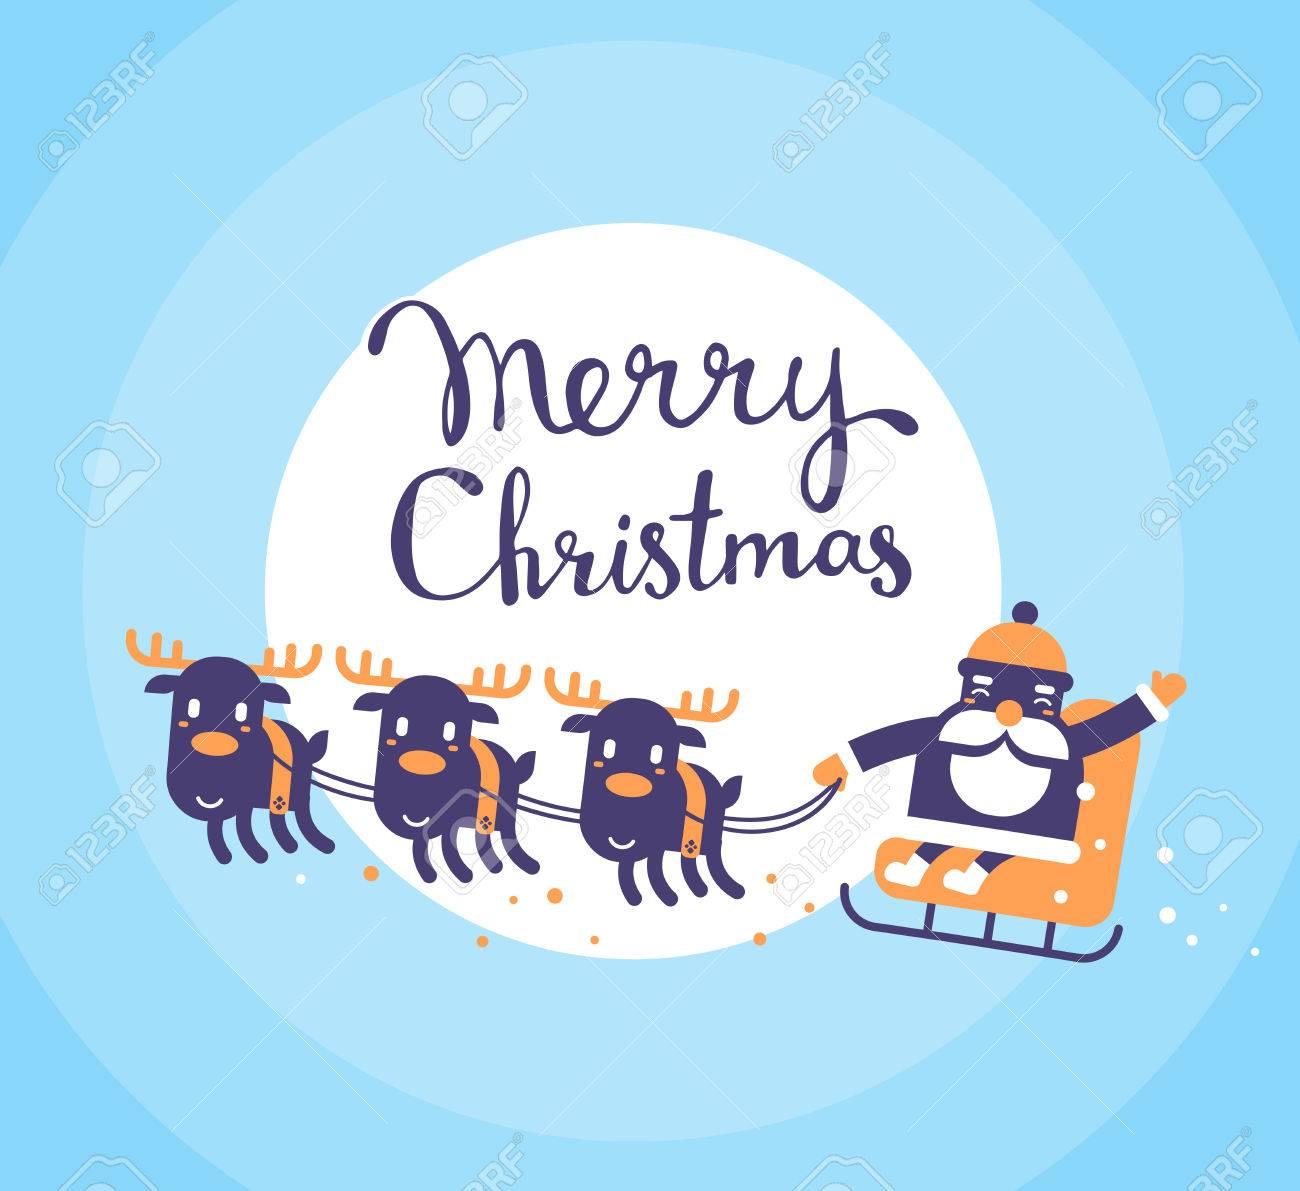 ベクトル クリスマス イラスト手書きのテキストとトナカイとそりでサンタ